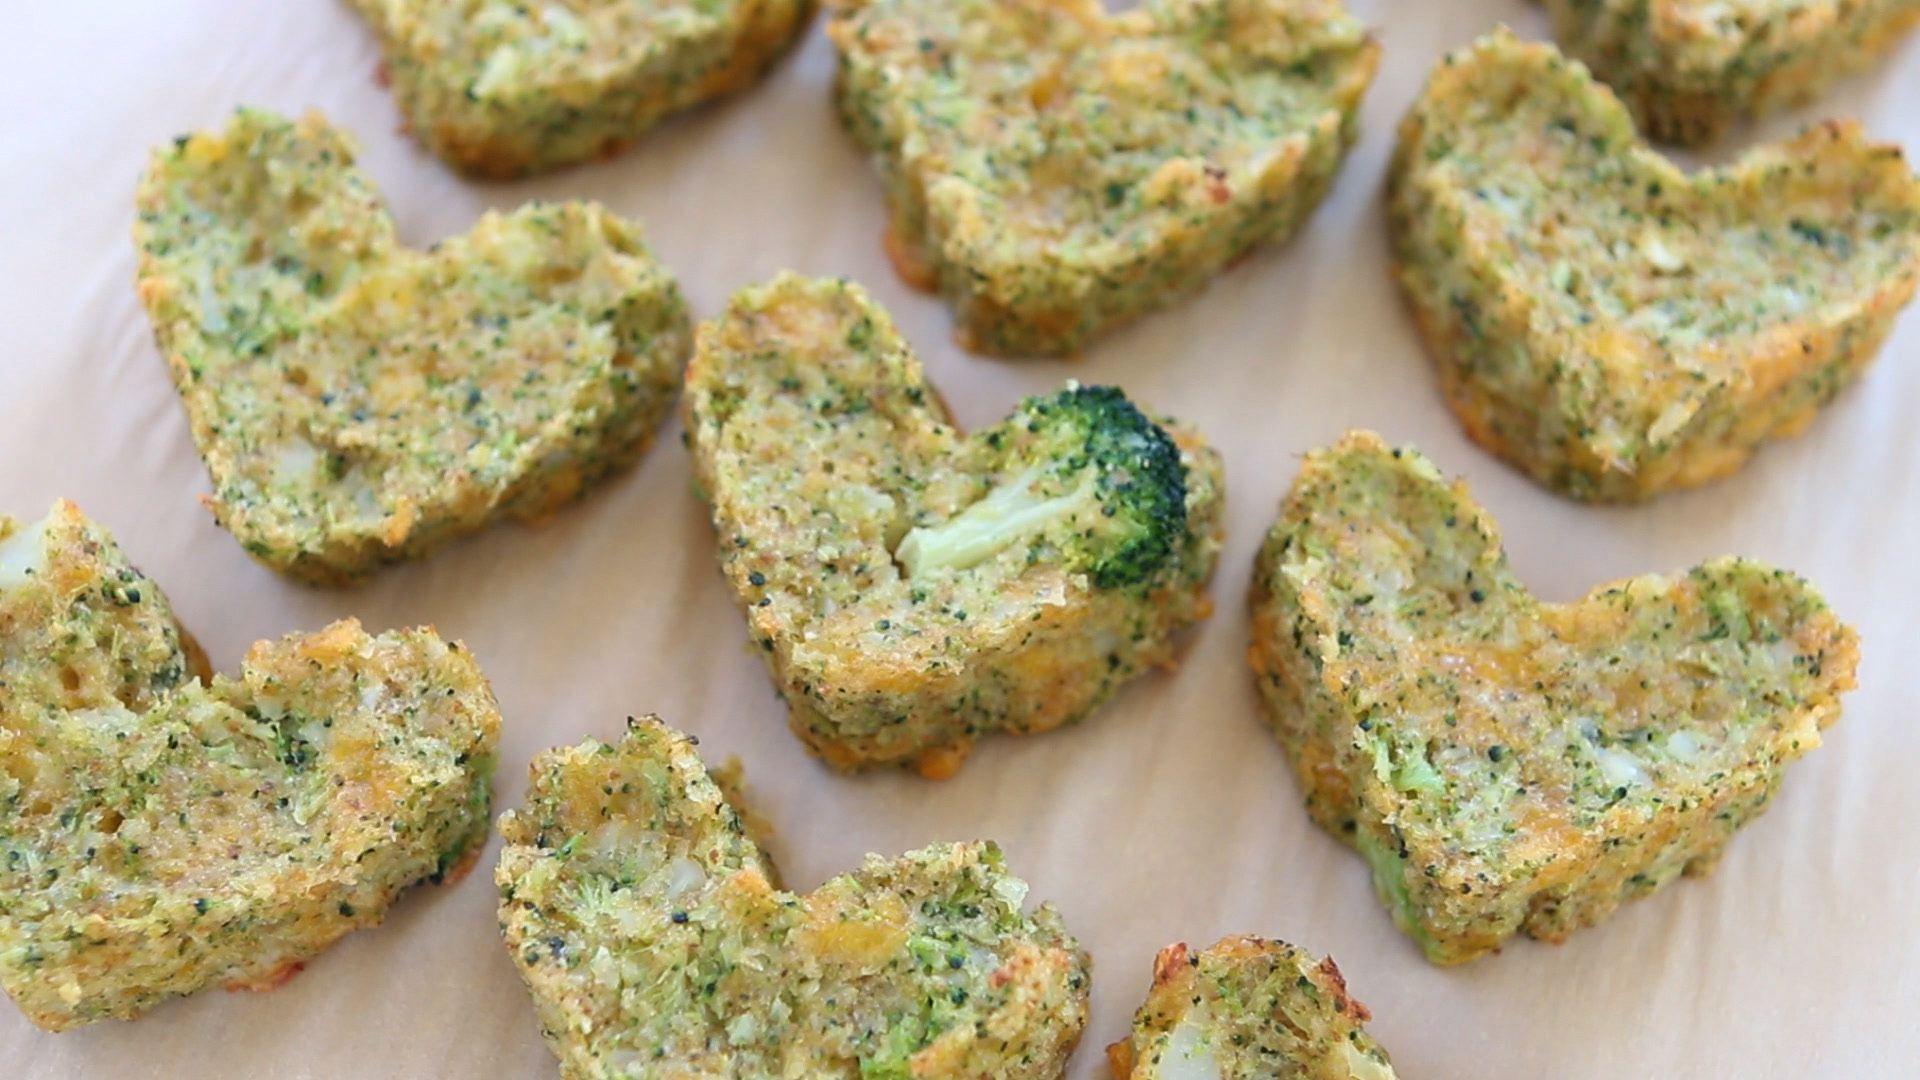 Baked Broccoli and Potato cheesy tots